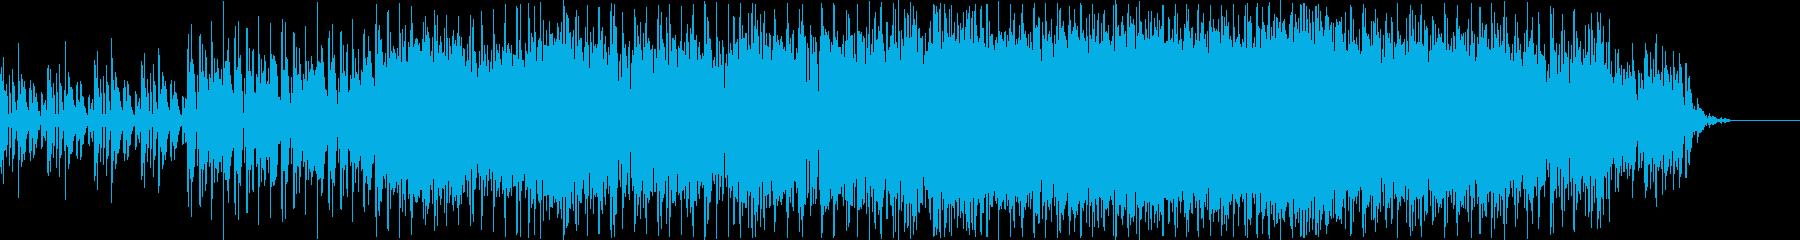 縦ノリのダンスロックの再生済みの波形